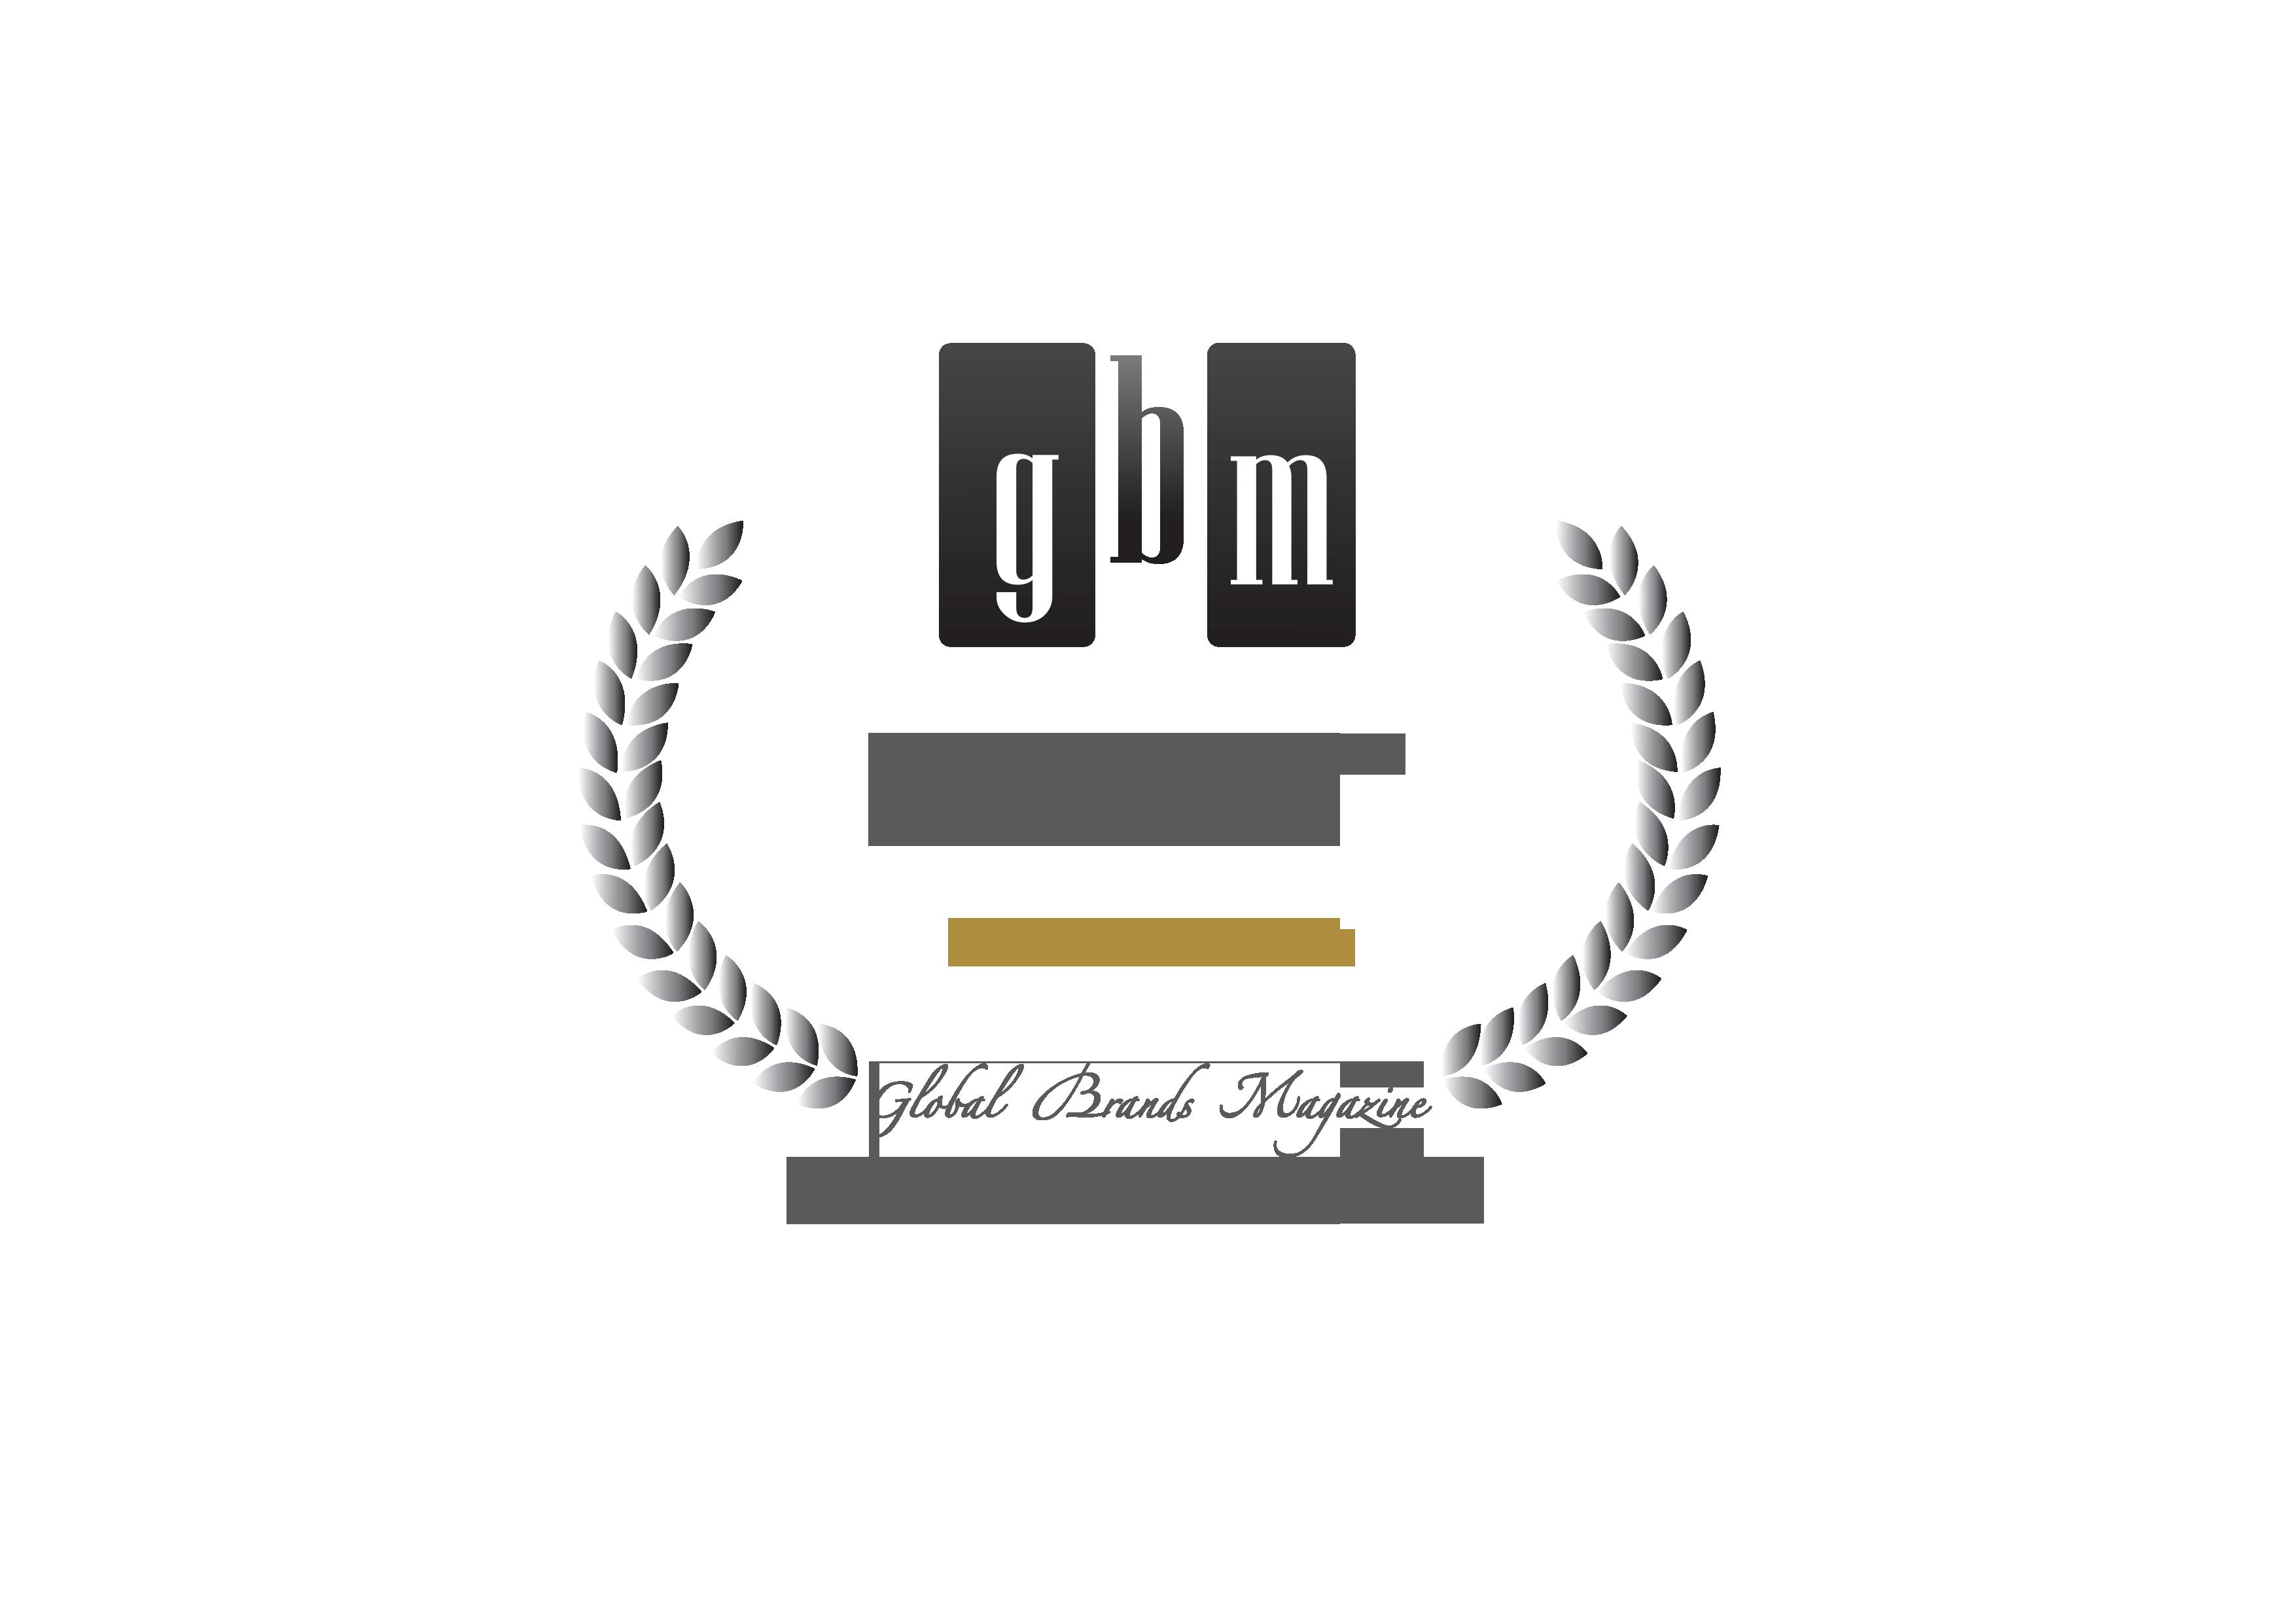 RoboMarkets Named the Best ECN Broker in Europe in 2021